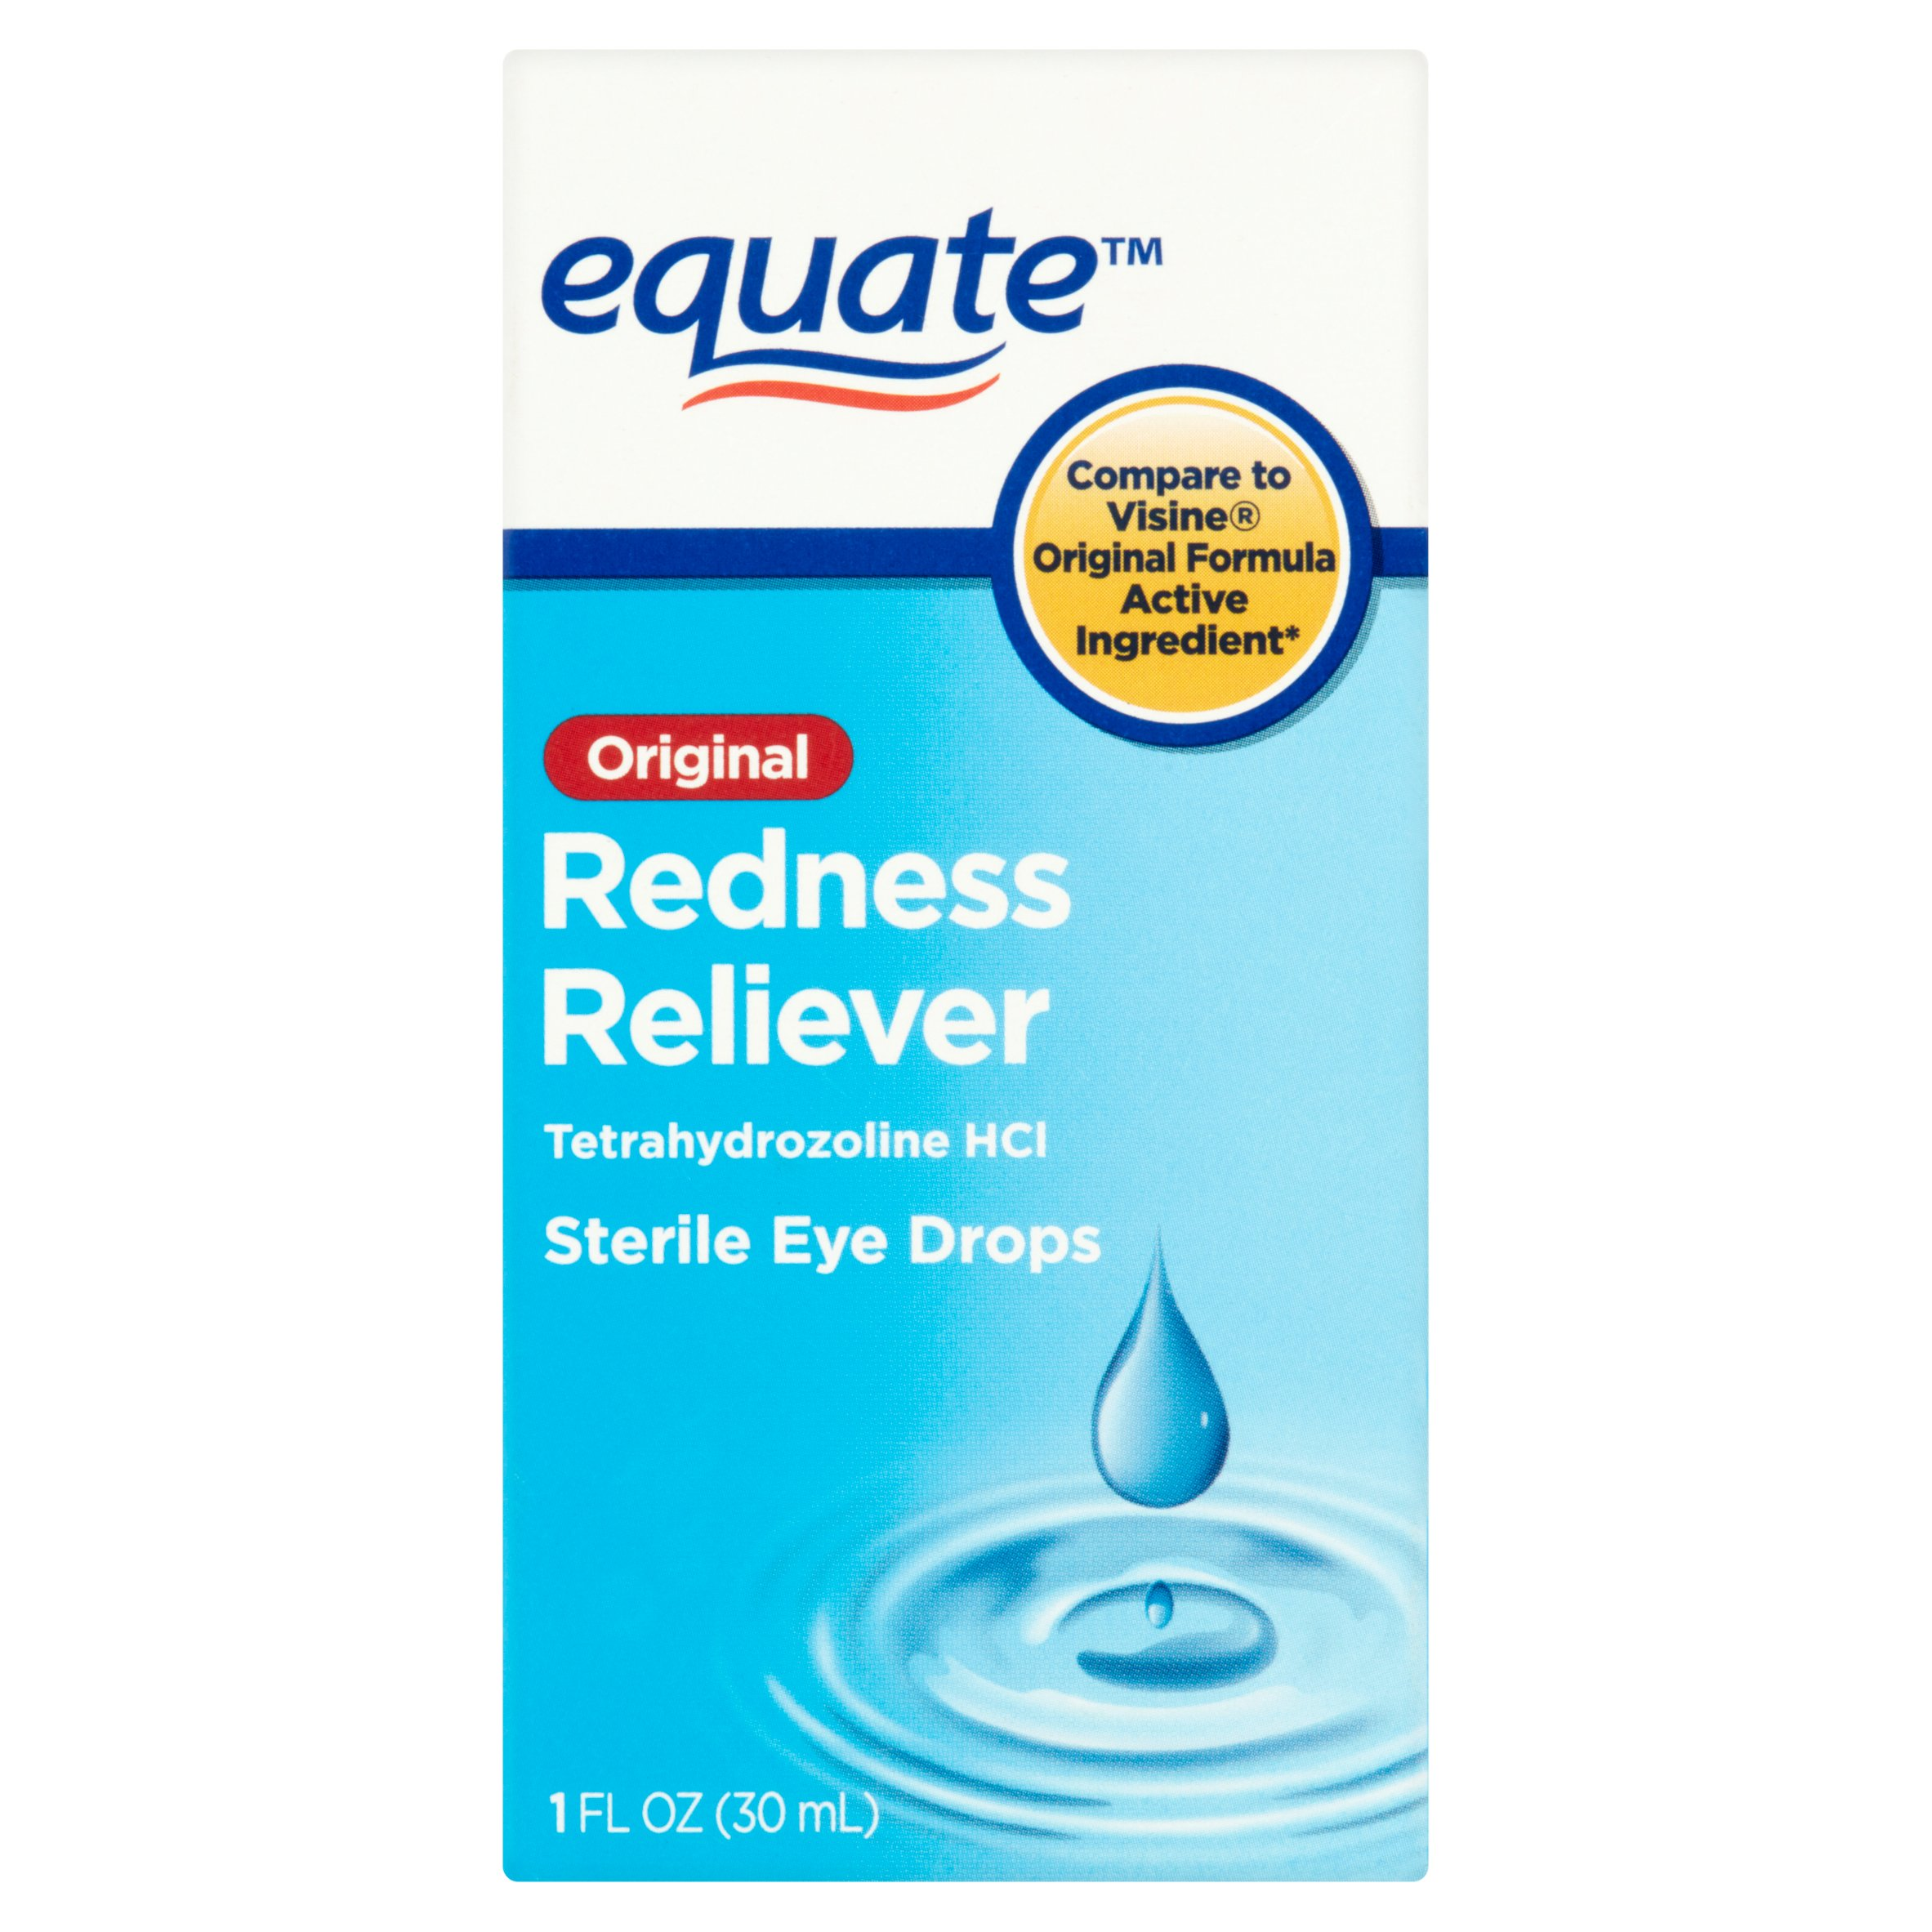 Equate Original Redness Reliever Sterile Eye Drops, 1 Oz